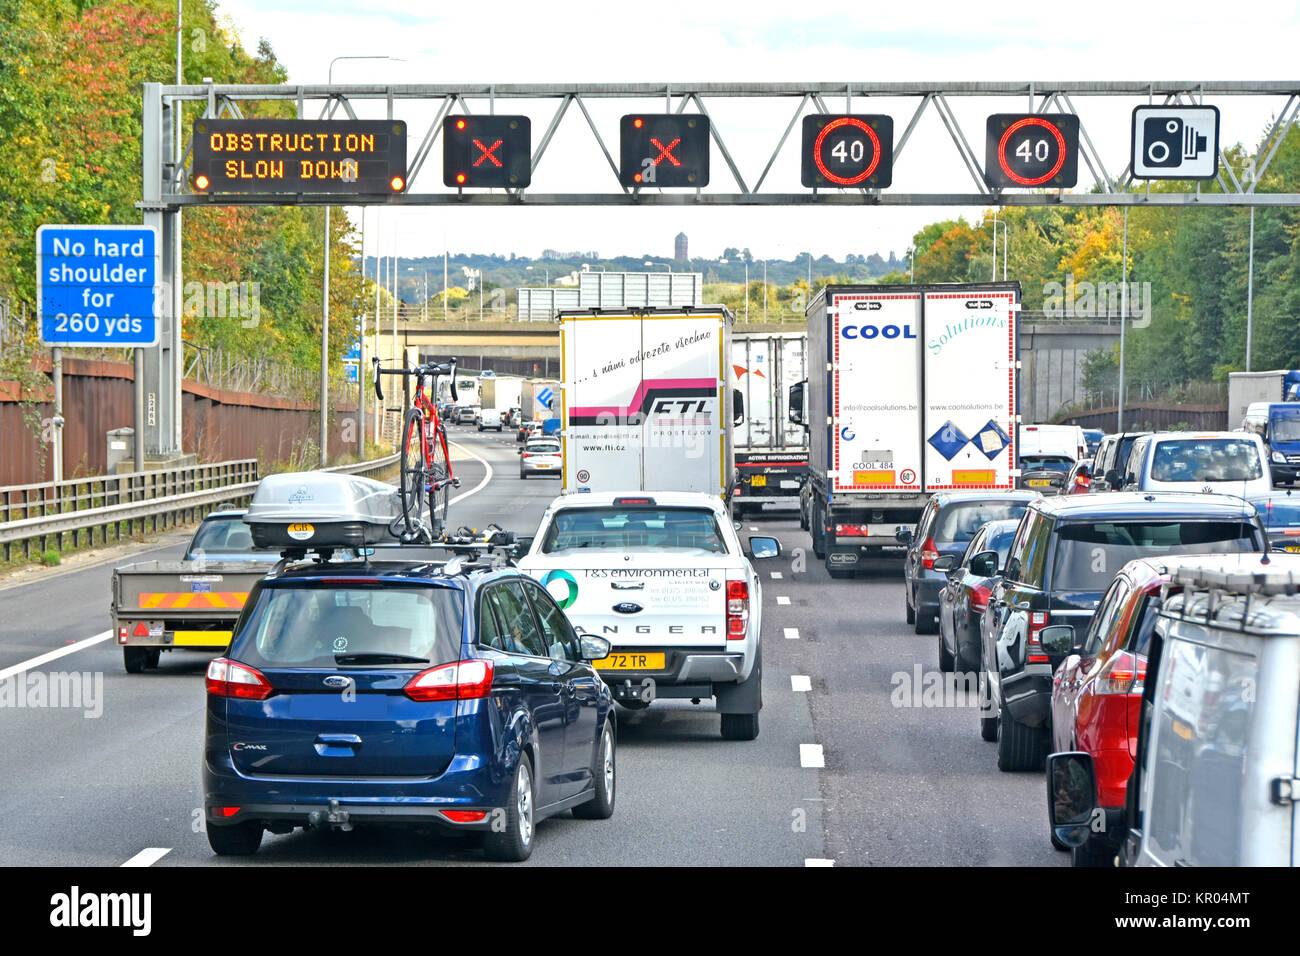 M25 Stau Schilder weisen auf Verstopfung in der Tat ein Unfall vor zwei Spuren geschlossen Warteschlangen als Fahrzeuge Stockbild